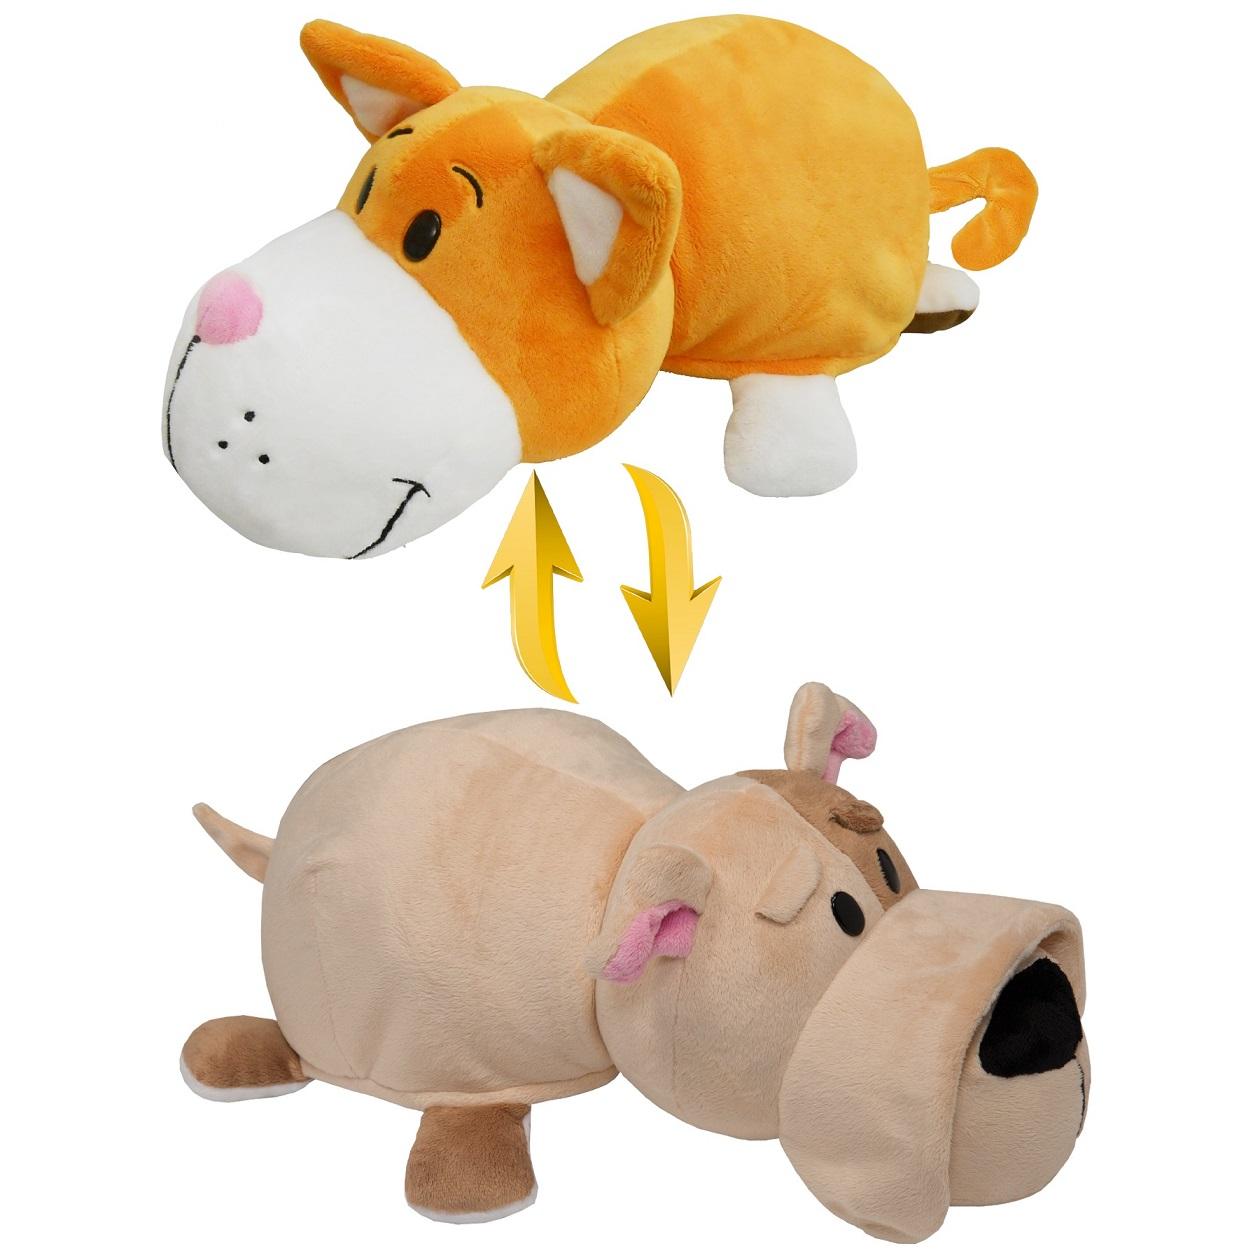 Купить Плюшевая игрушка Вывернушка 2 в 1, Оранжевый кот-Бульдог, 35 х 15 х 17 см.